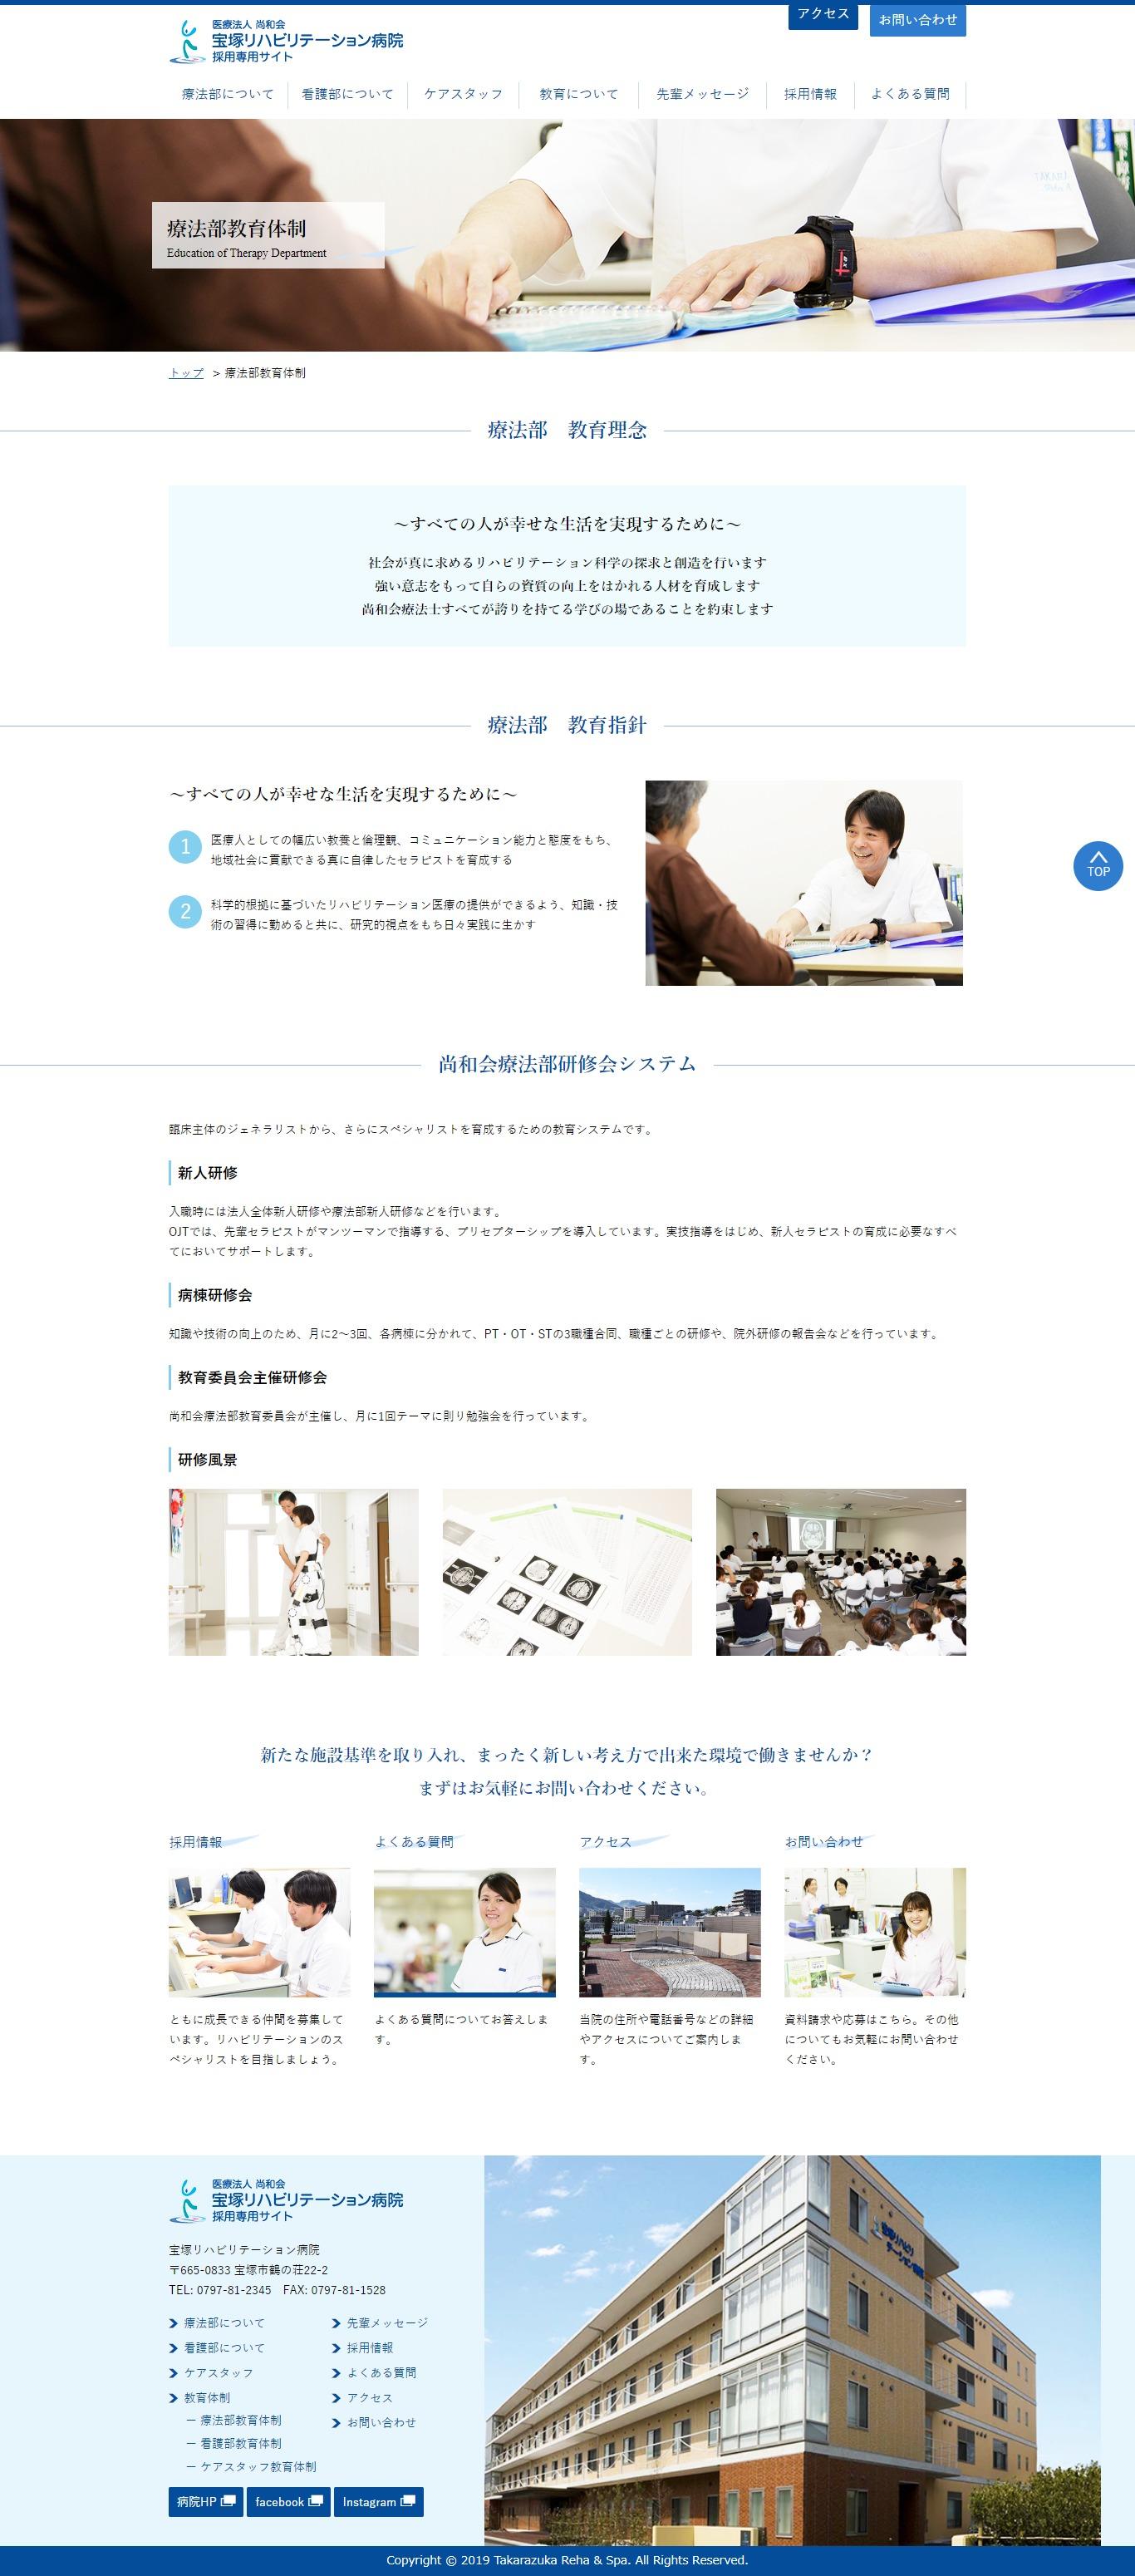 2017年11月作成「宝塚リハビリテーション病院」リクルートサイト_サブ画像